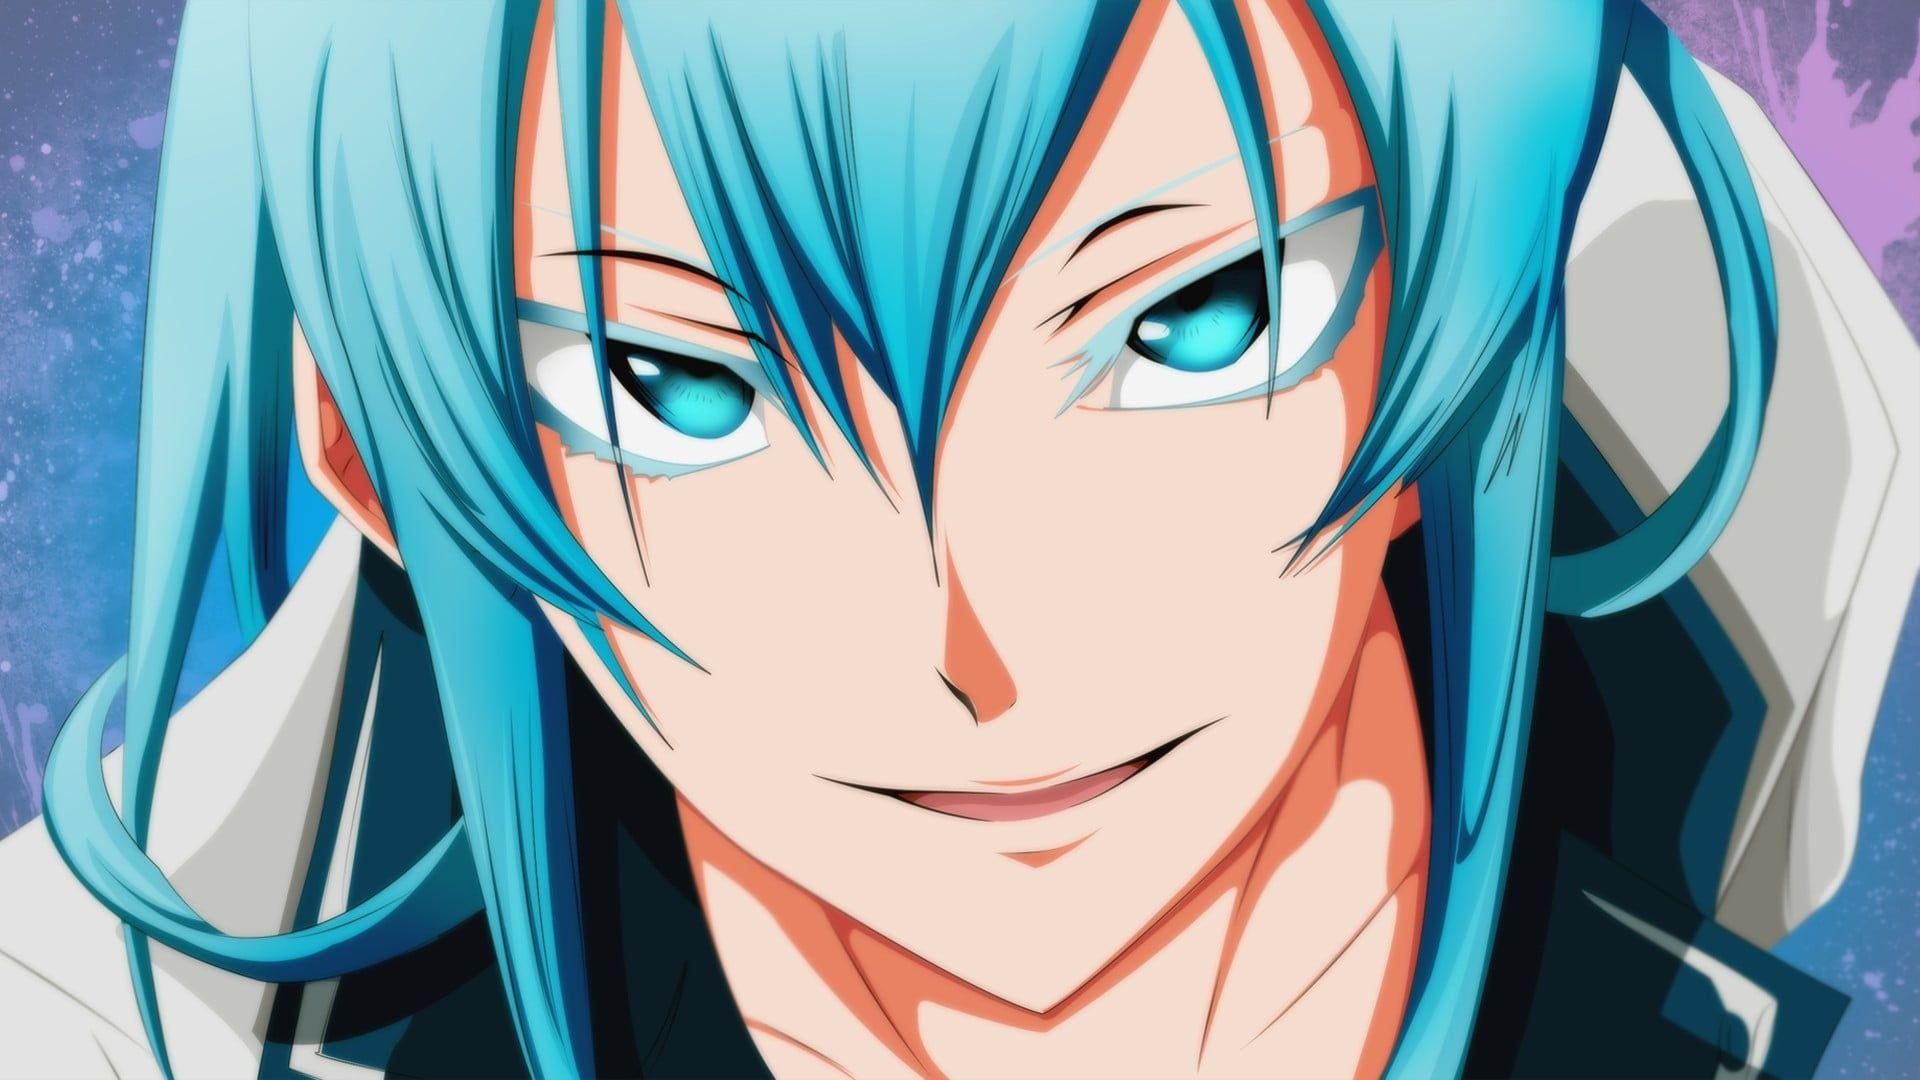 Blue Hair Male Anime Character Digital Wallpaper Esdeath Akame Ga Kill Blue Hair Blue Eyes Anime Girls Ice 1080p Wallpaper H In 2020 Akame Ga Anime Akame Ga Kill